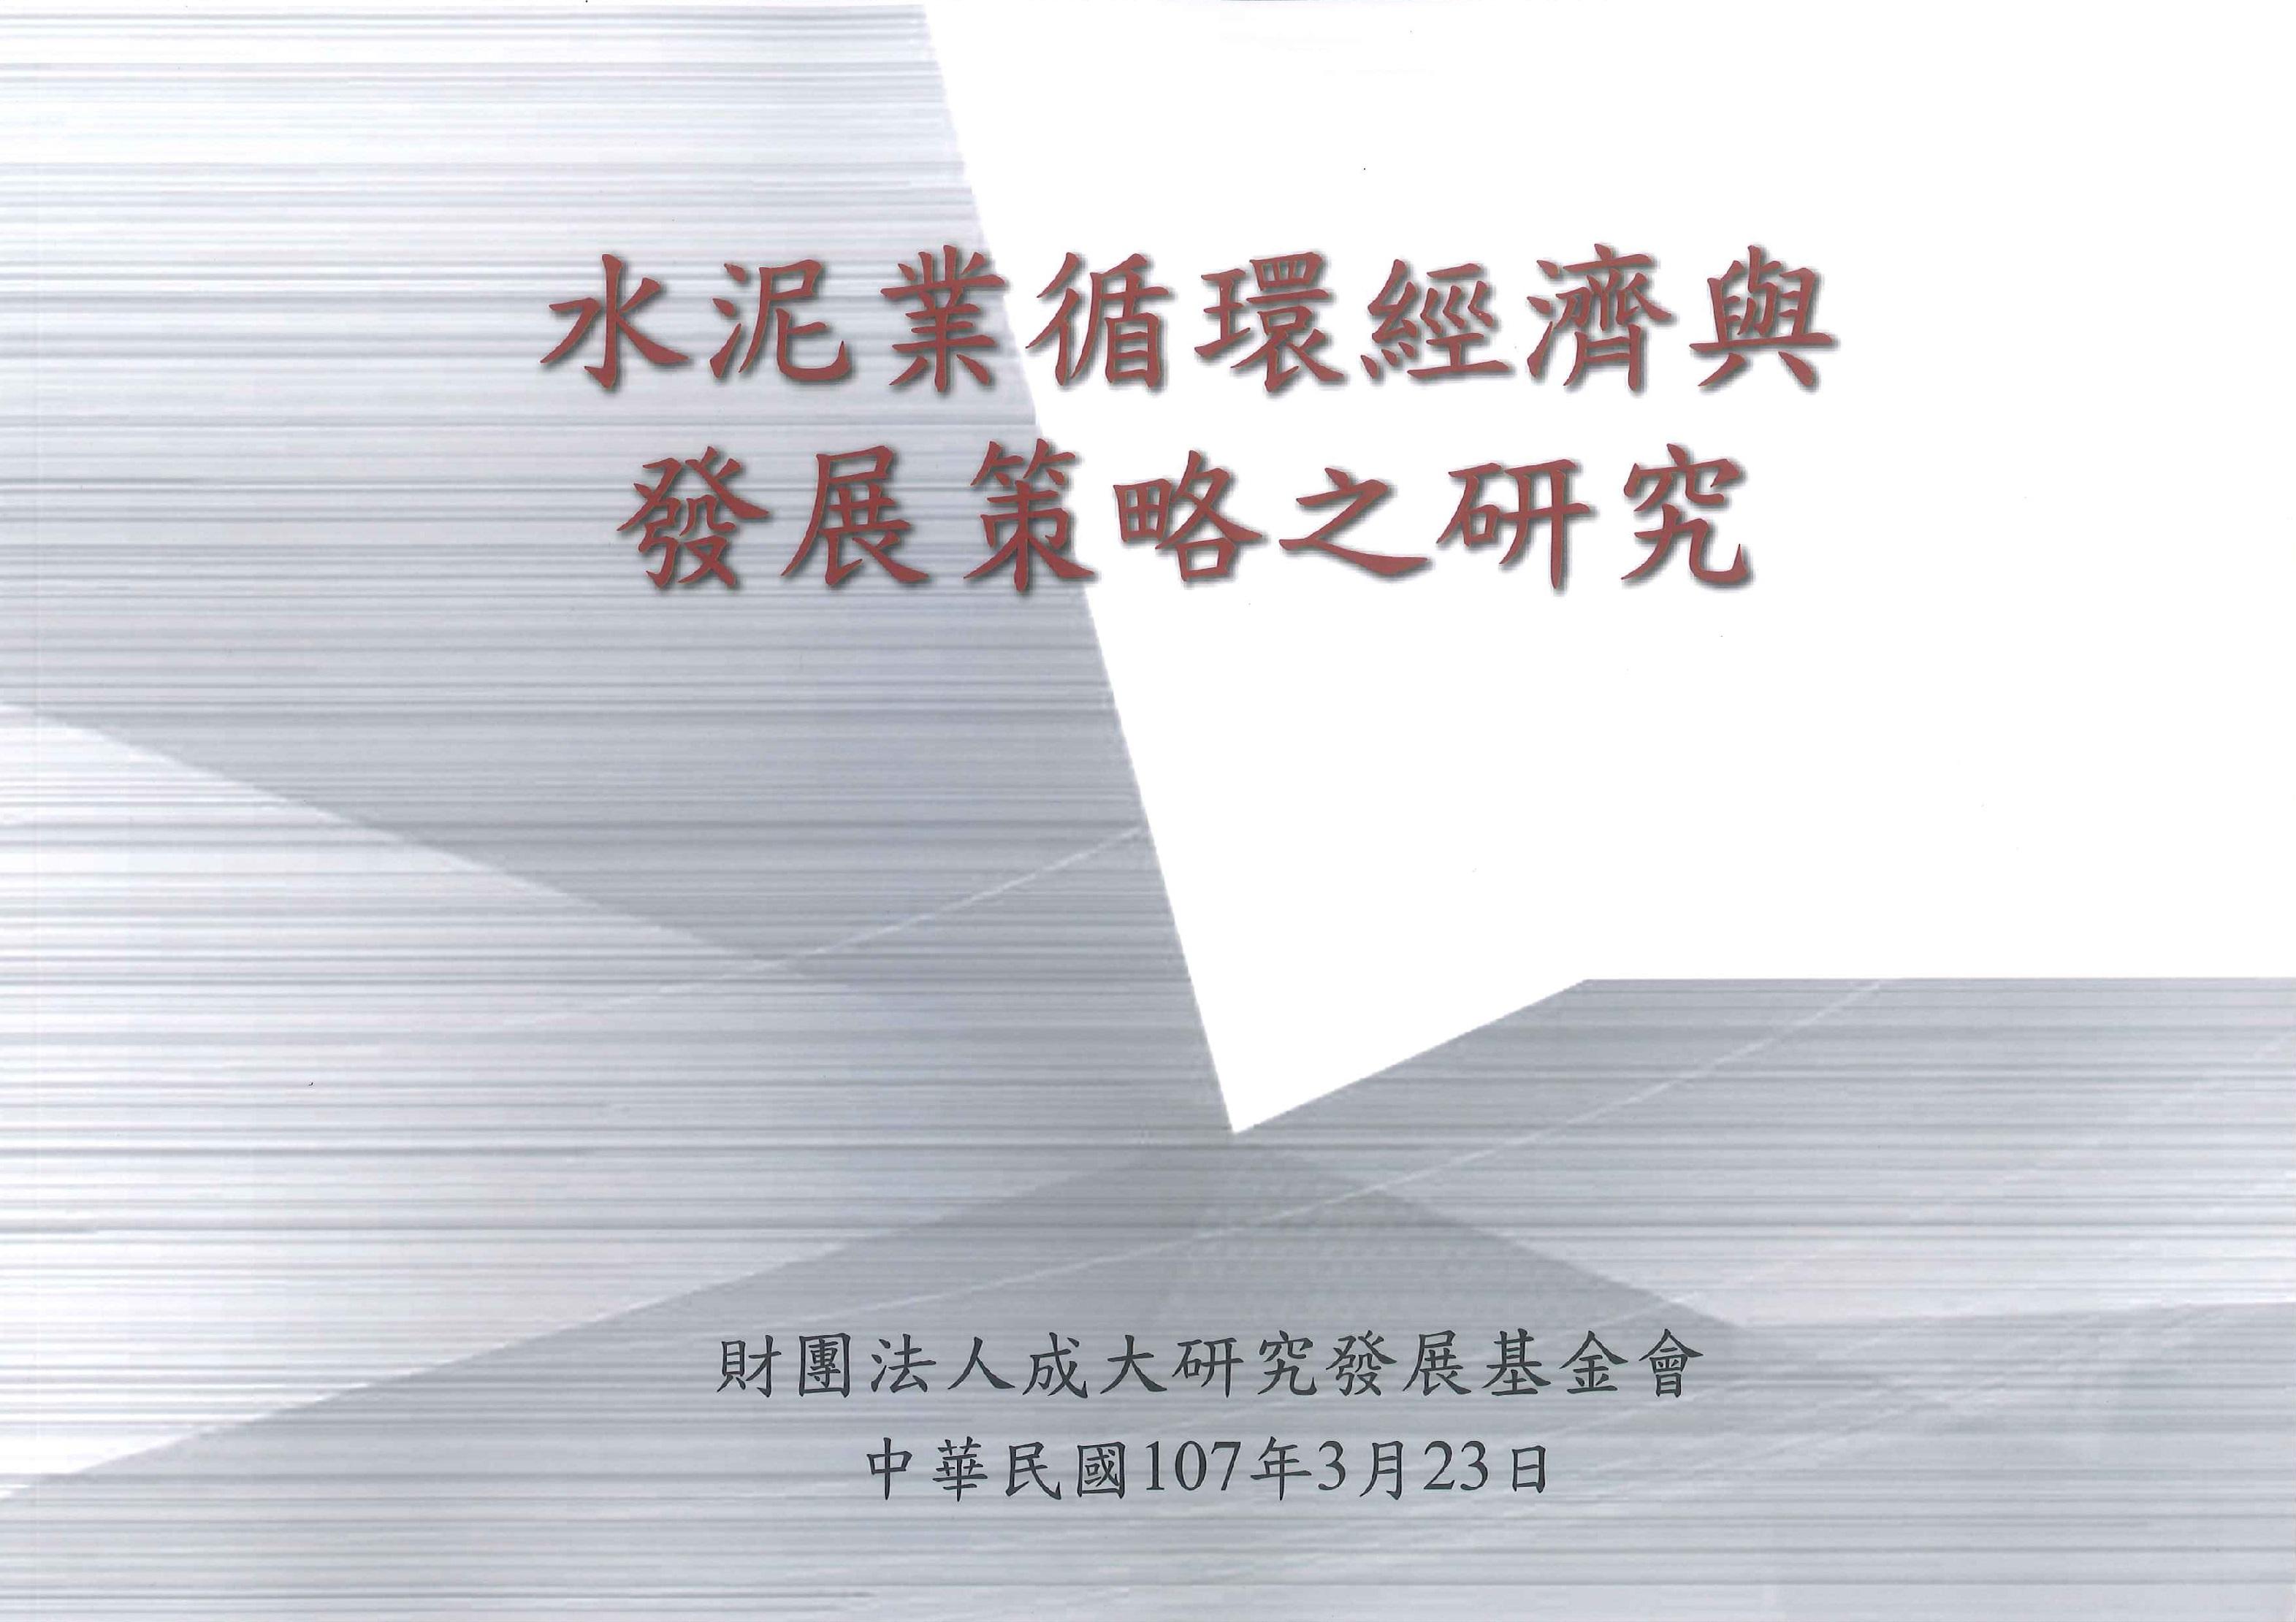 水泥業循環經濟與發展策略之研究